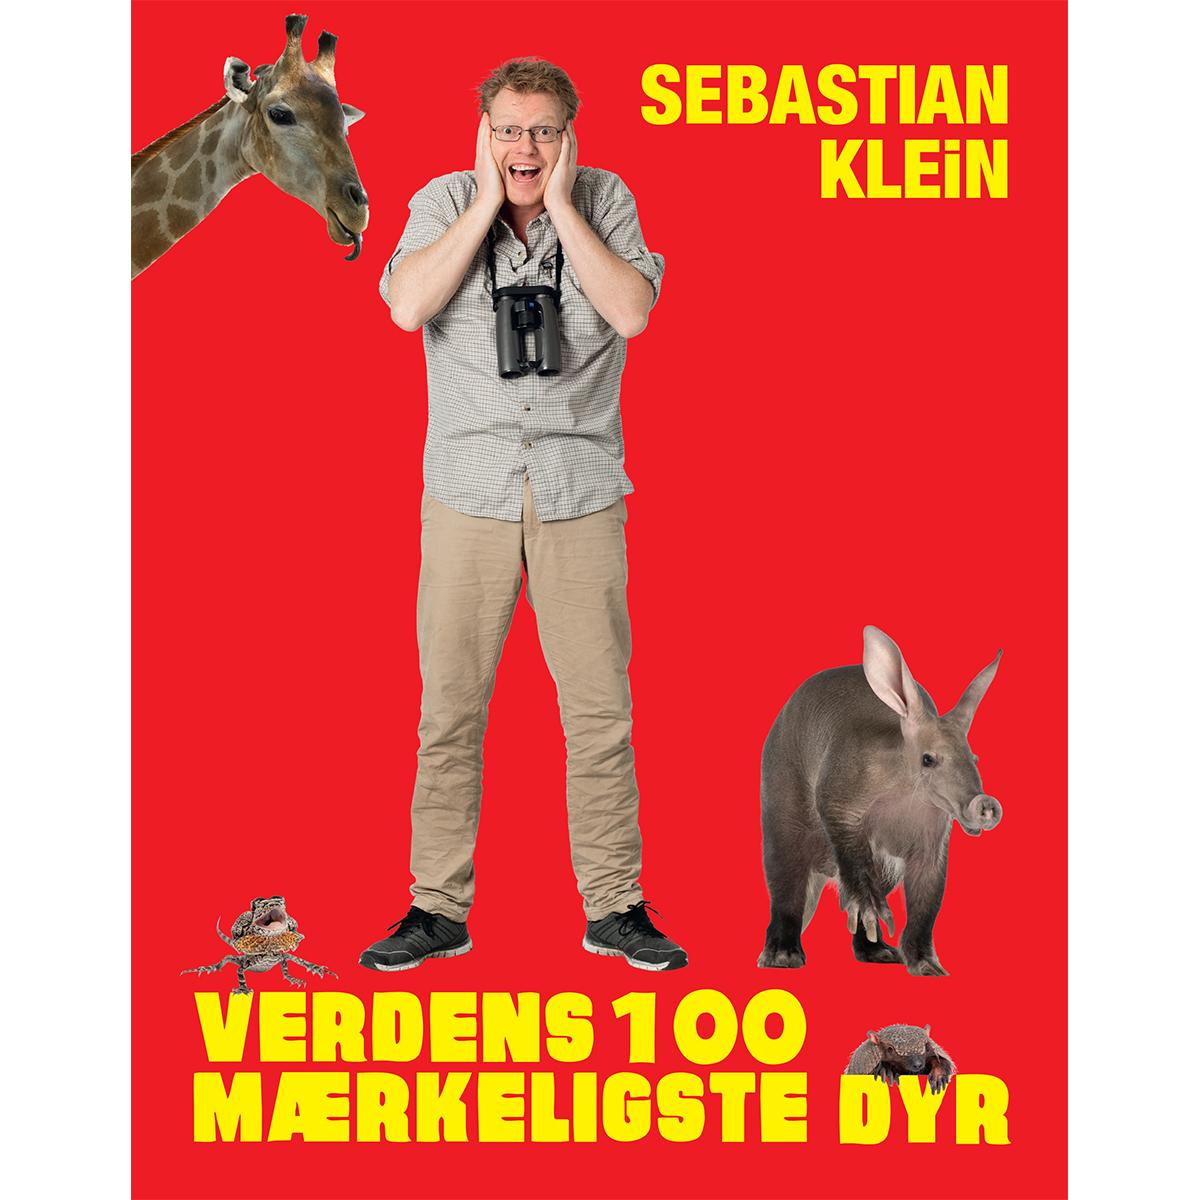 Image of   Verdens 100 mærkeligste dyr - Sebastians 100 dyr 3 - Indbundet